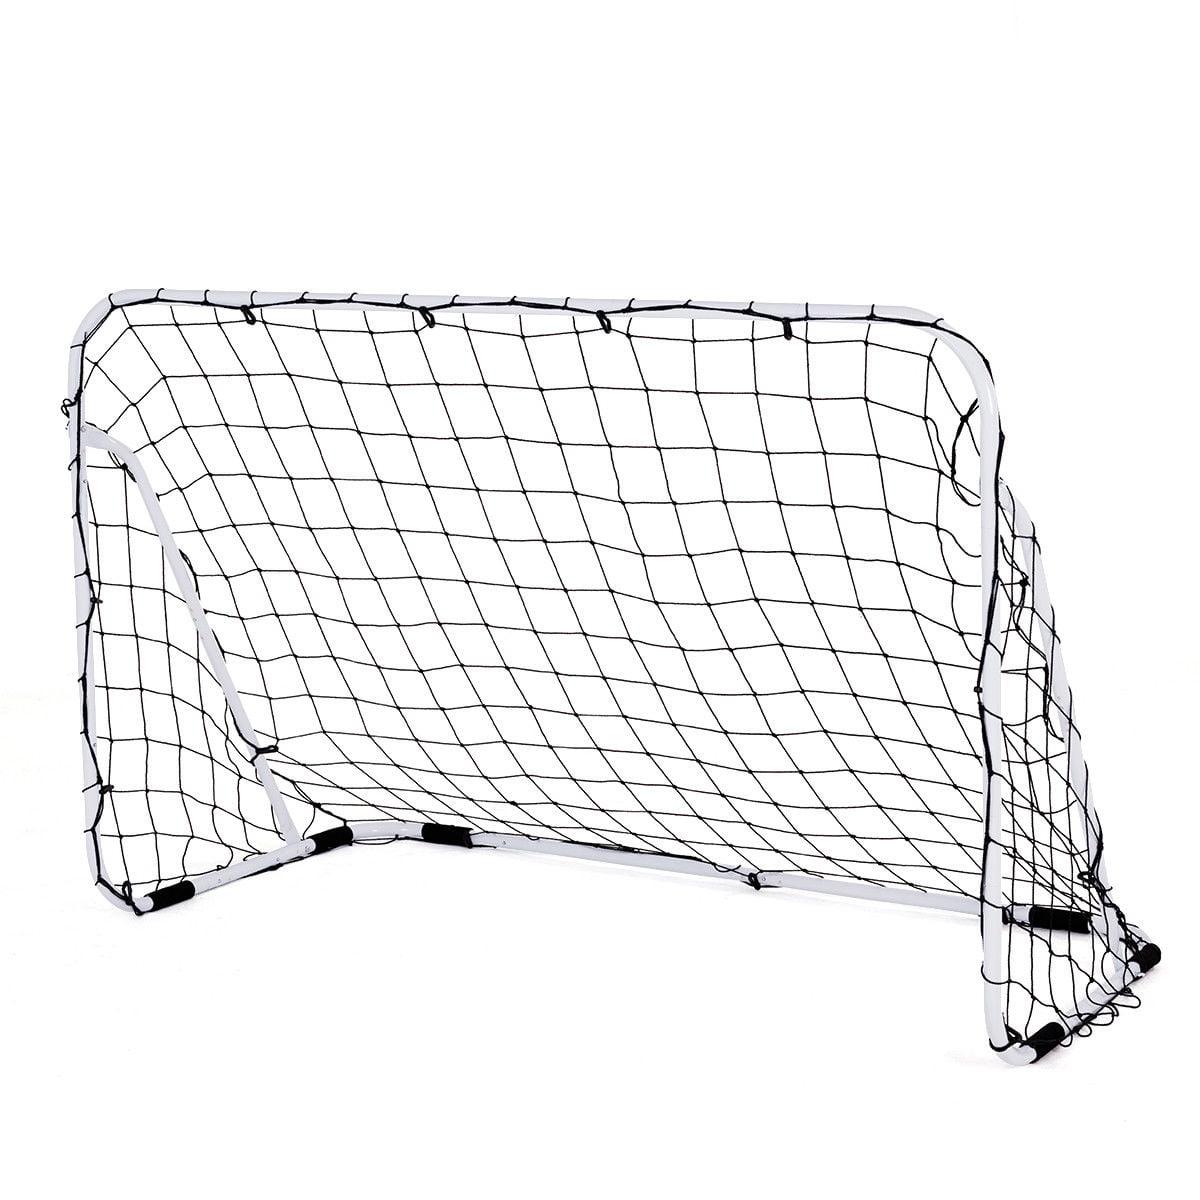 Costway 6' x 4' Steel Football Soccer Goal Net Gate ...